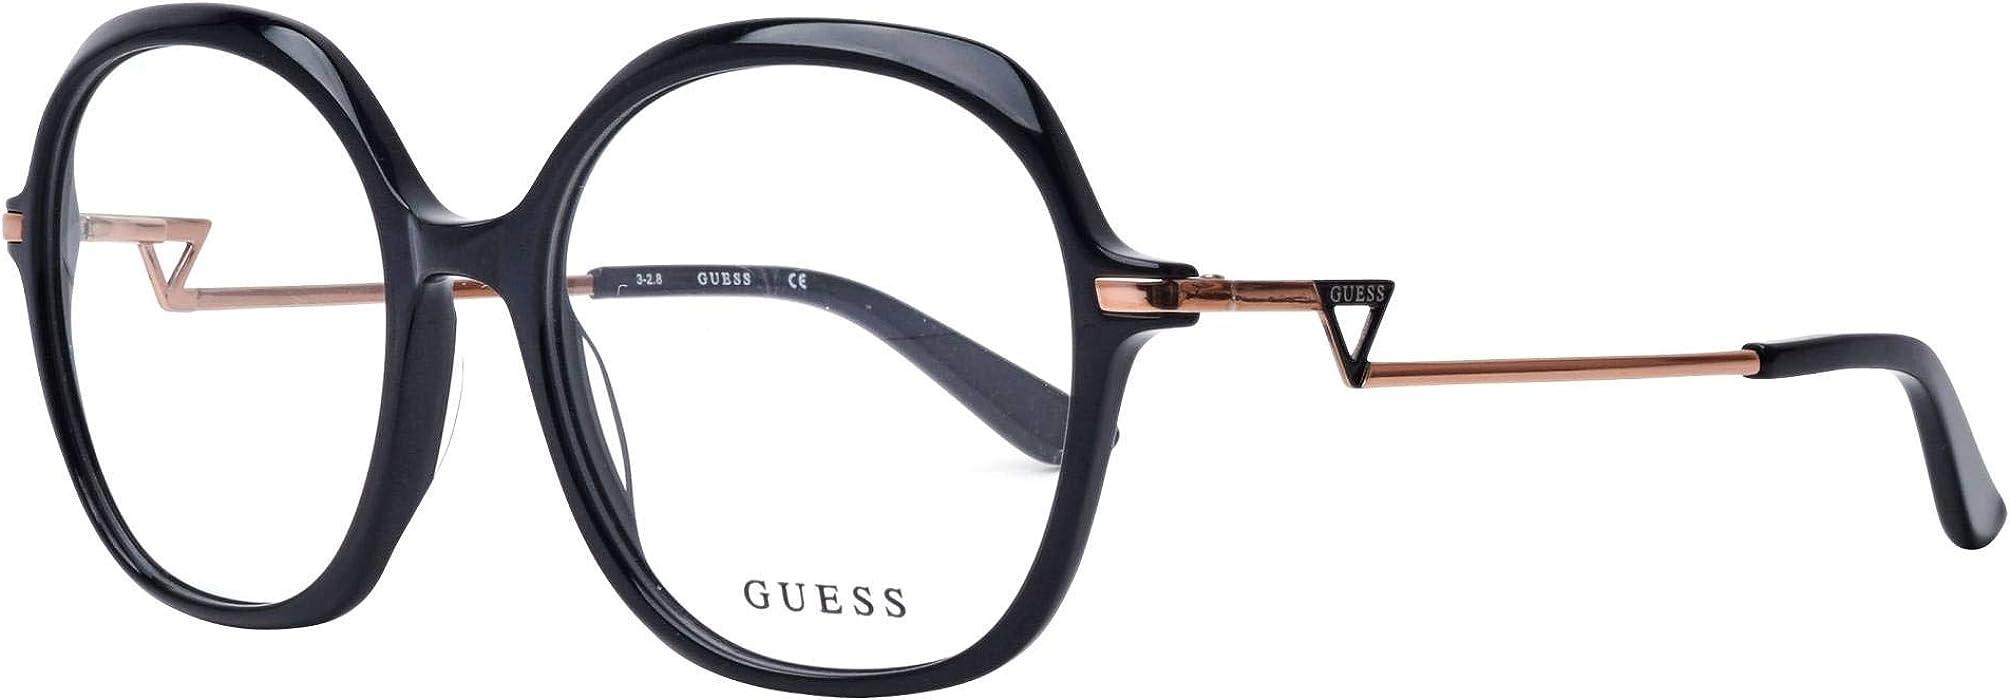 f5088a1e10f Guess Lunettes de vue pour femme Noir GU 2702 001 54 17  Amazon.fr ...